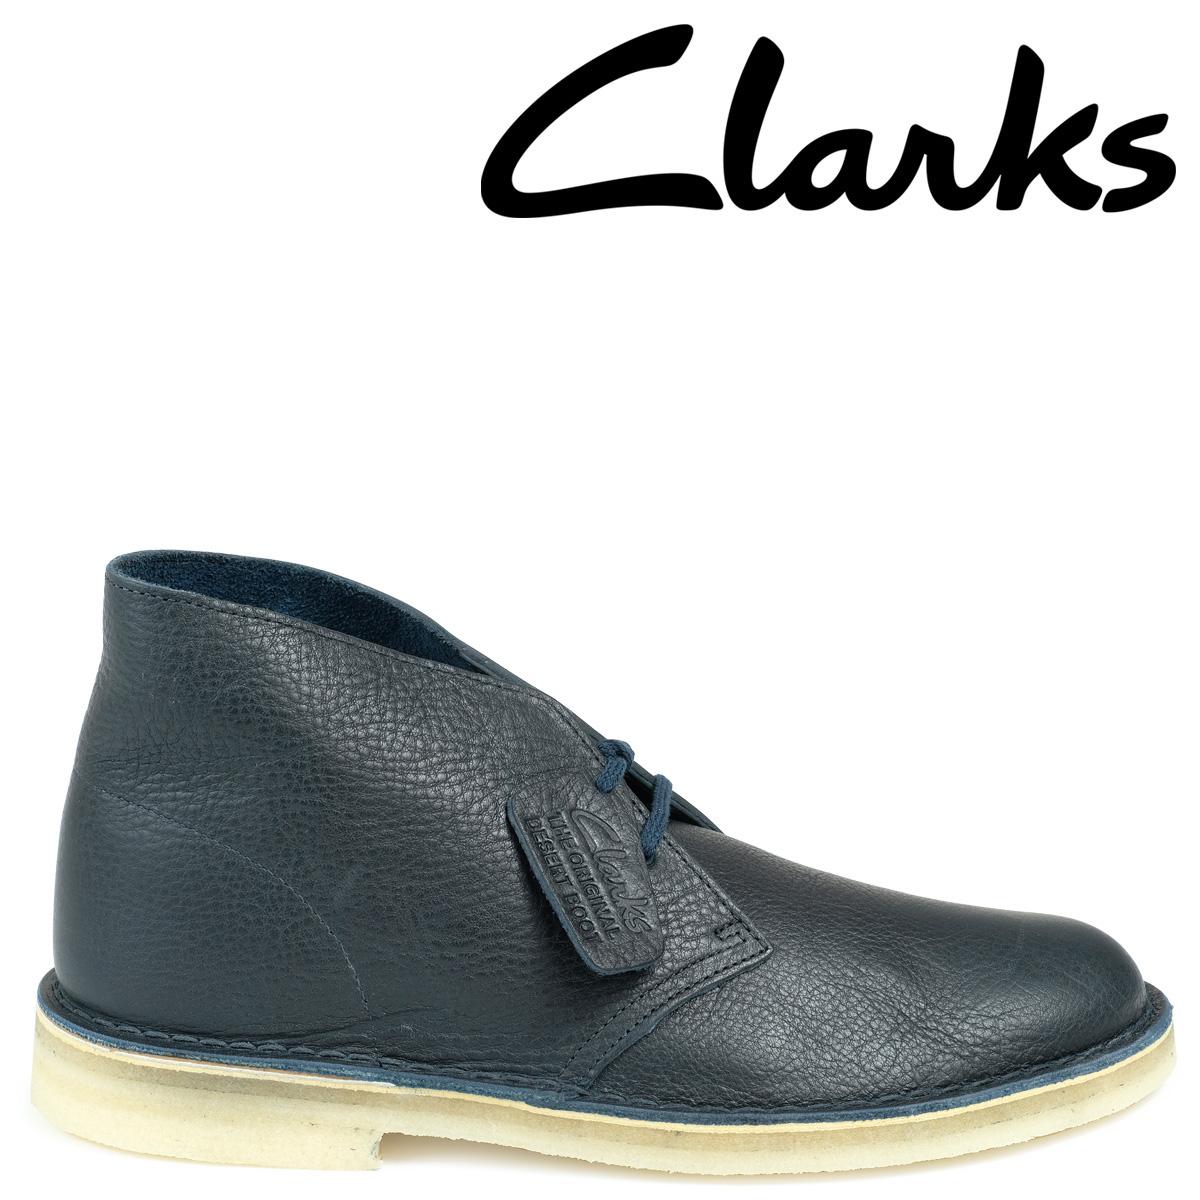 Clarks デザートブーツ メンズ クラークス DESERT BOOT 26125548 レザー 靴 ネイビー